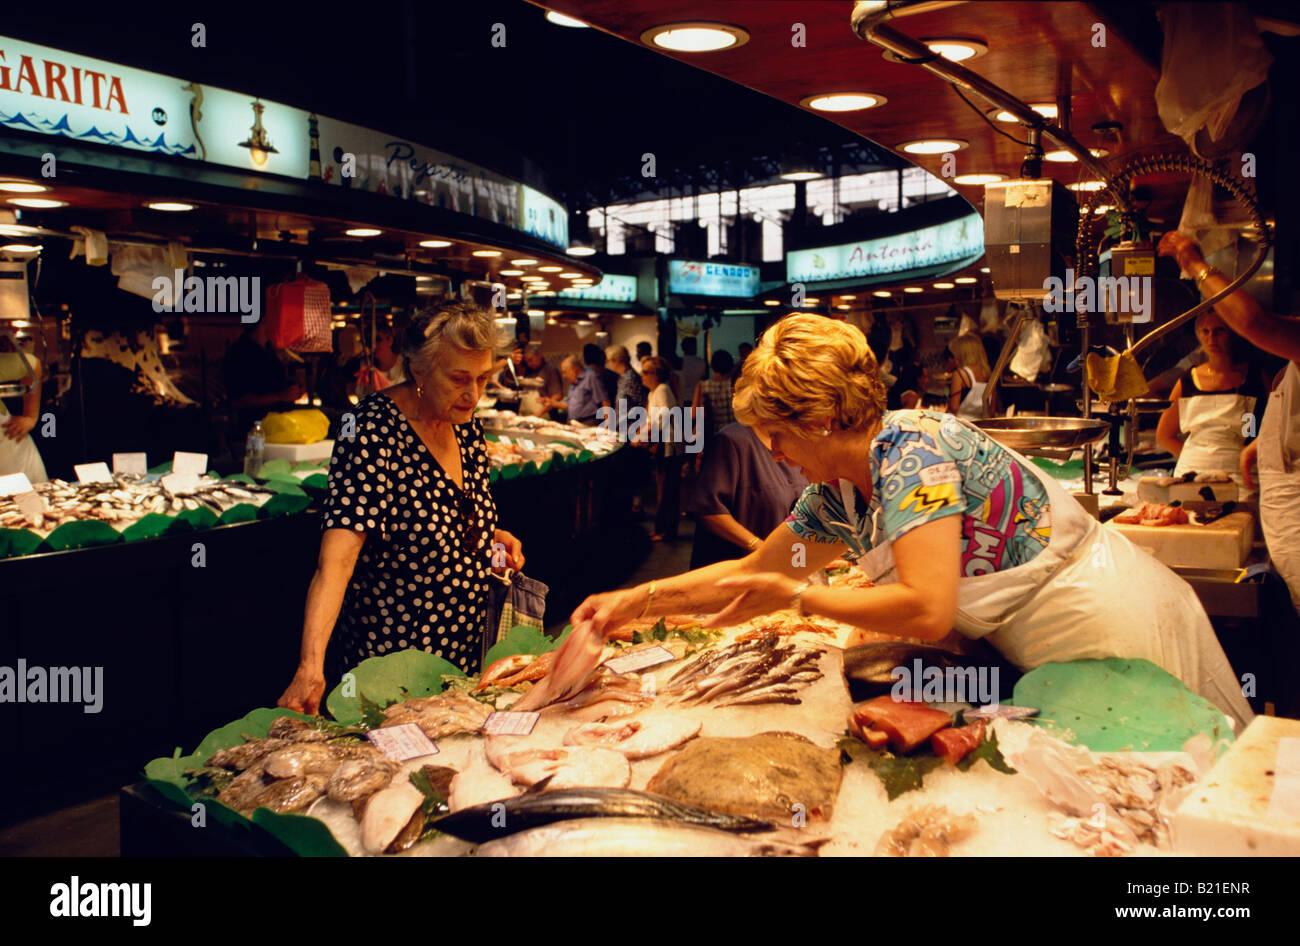 La femme est l'achat à la poissonnerie du Mercat de la Boqueria dans le Raval Ramblas de Barcelone Catalogne Espagne Banque D'Images